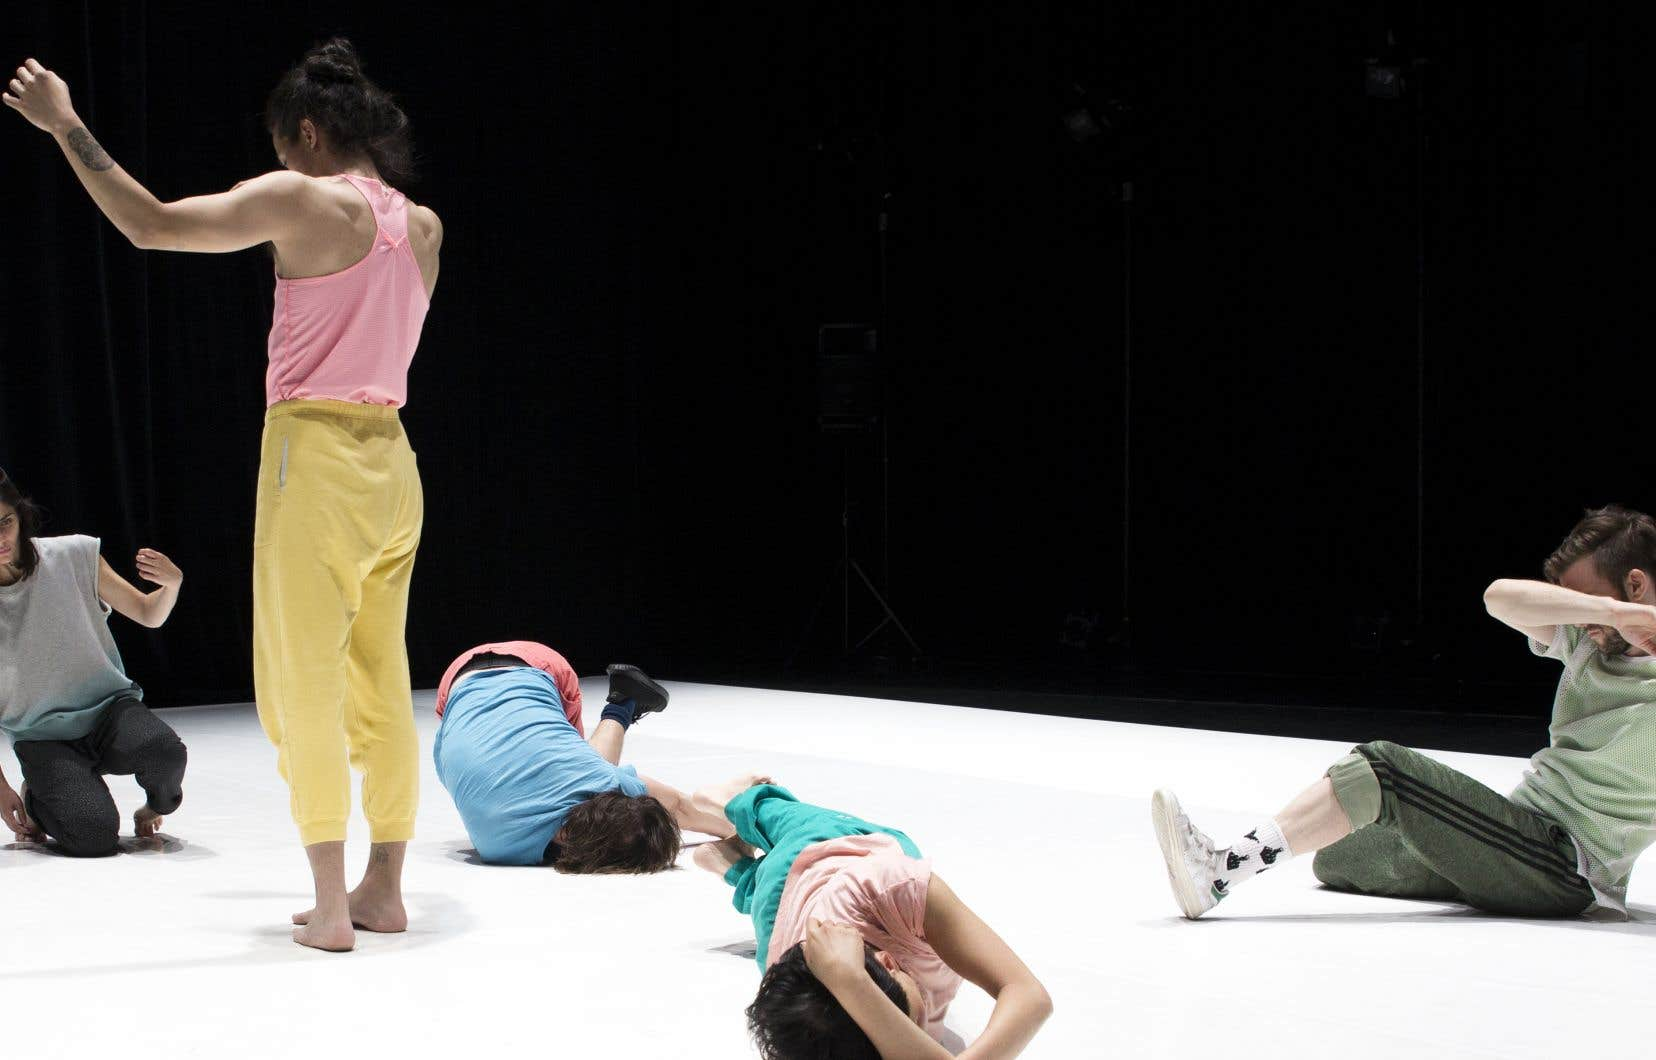 Plusieurs éléments de «Cosmic Love» semblent pensés pour nourrir le travail des danseurs plutôt que les spectateurs.